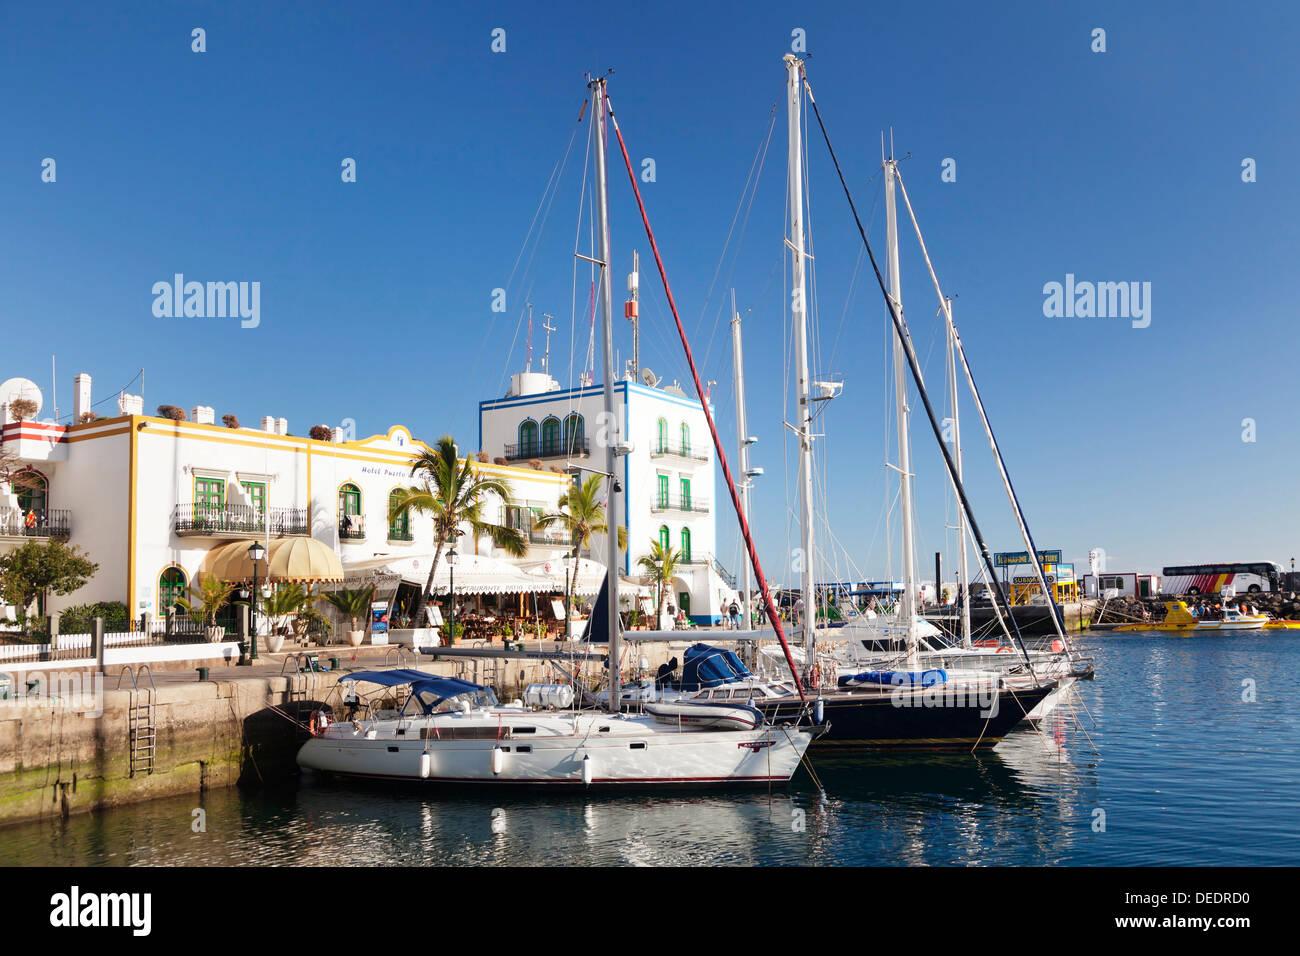 Marina, Puerto de Mogan, Gran Canaria, Kanarische Inseln, Spanien, Atlantik, Europa Stockbild